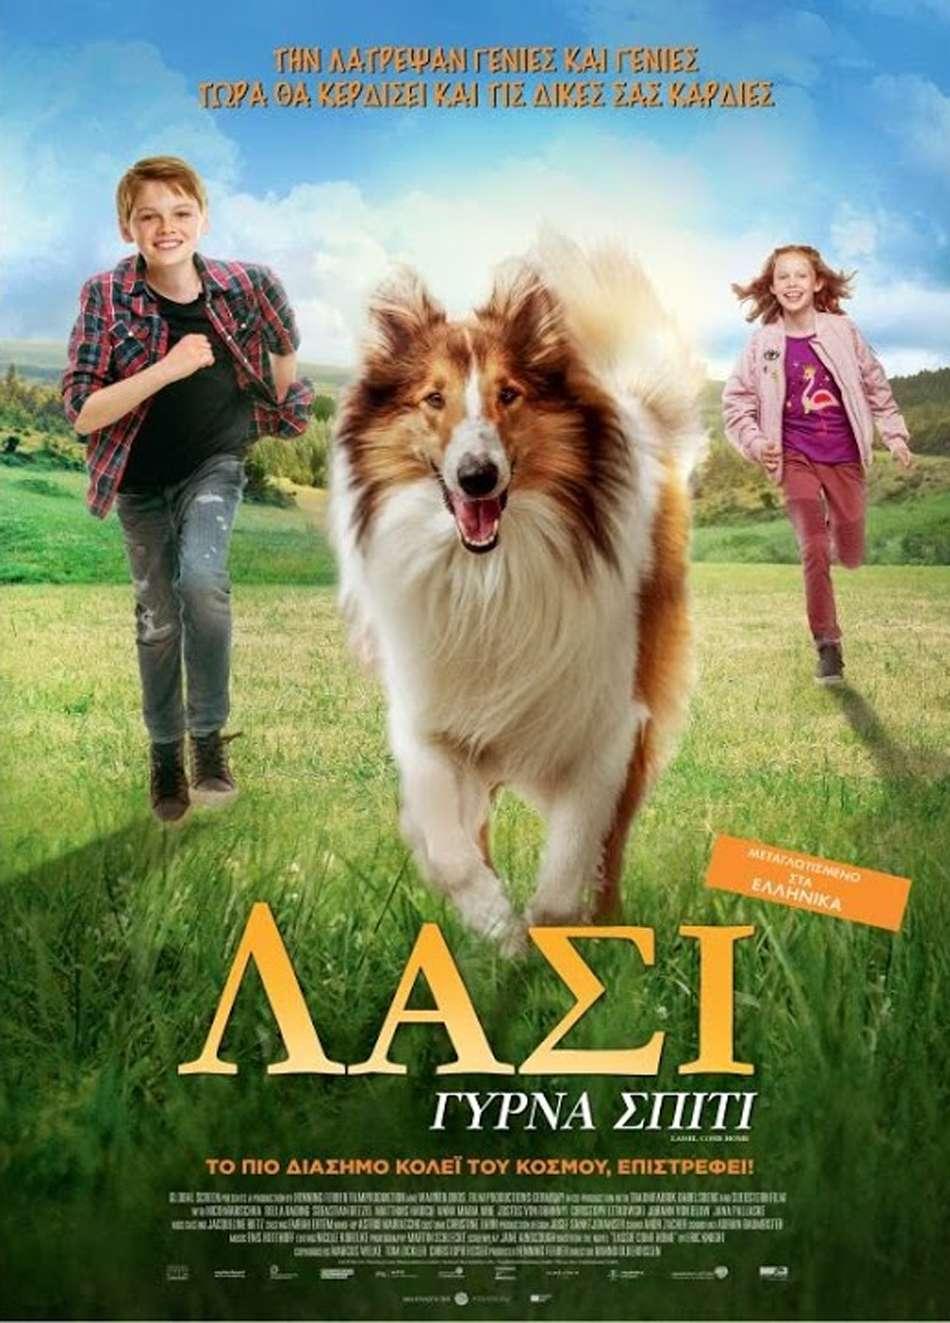 Λάσι, Γύρνα Σπίτι (Lassie, Come Home) - Trailer / Τρέιλερ Poster